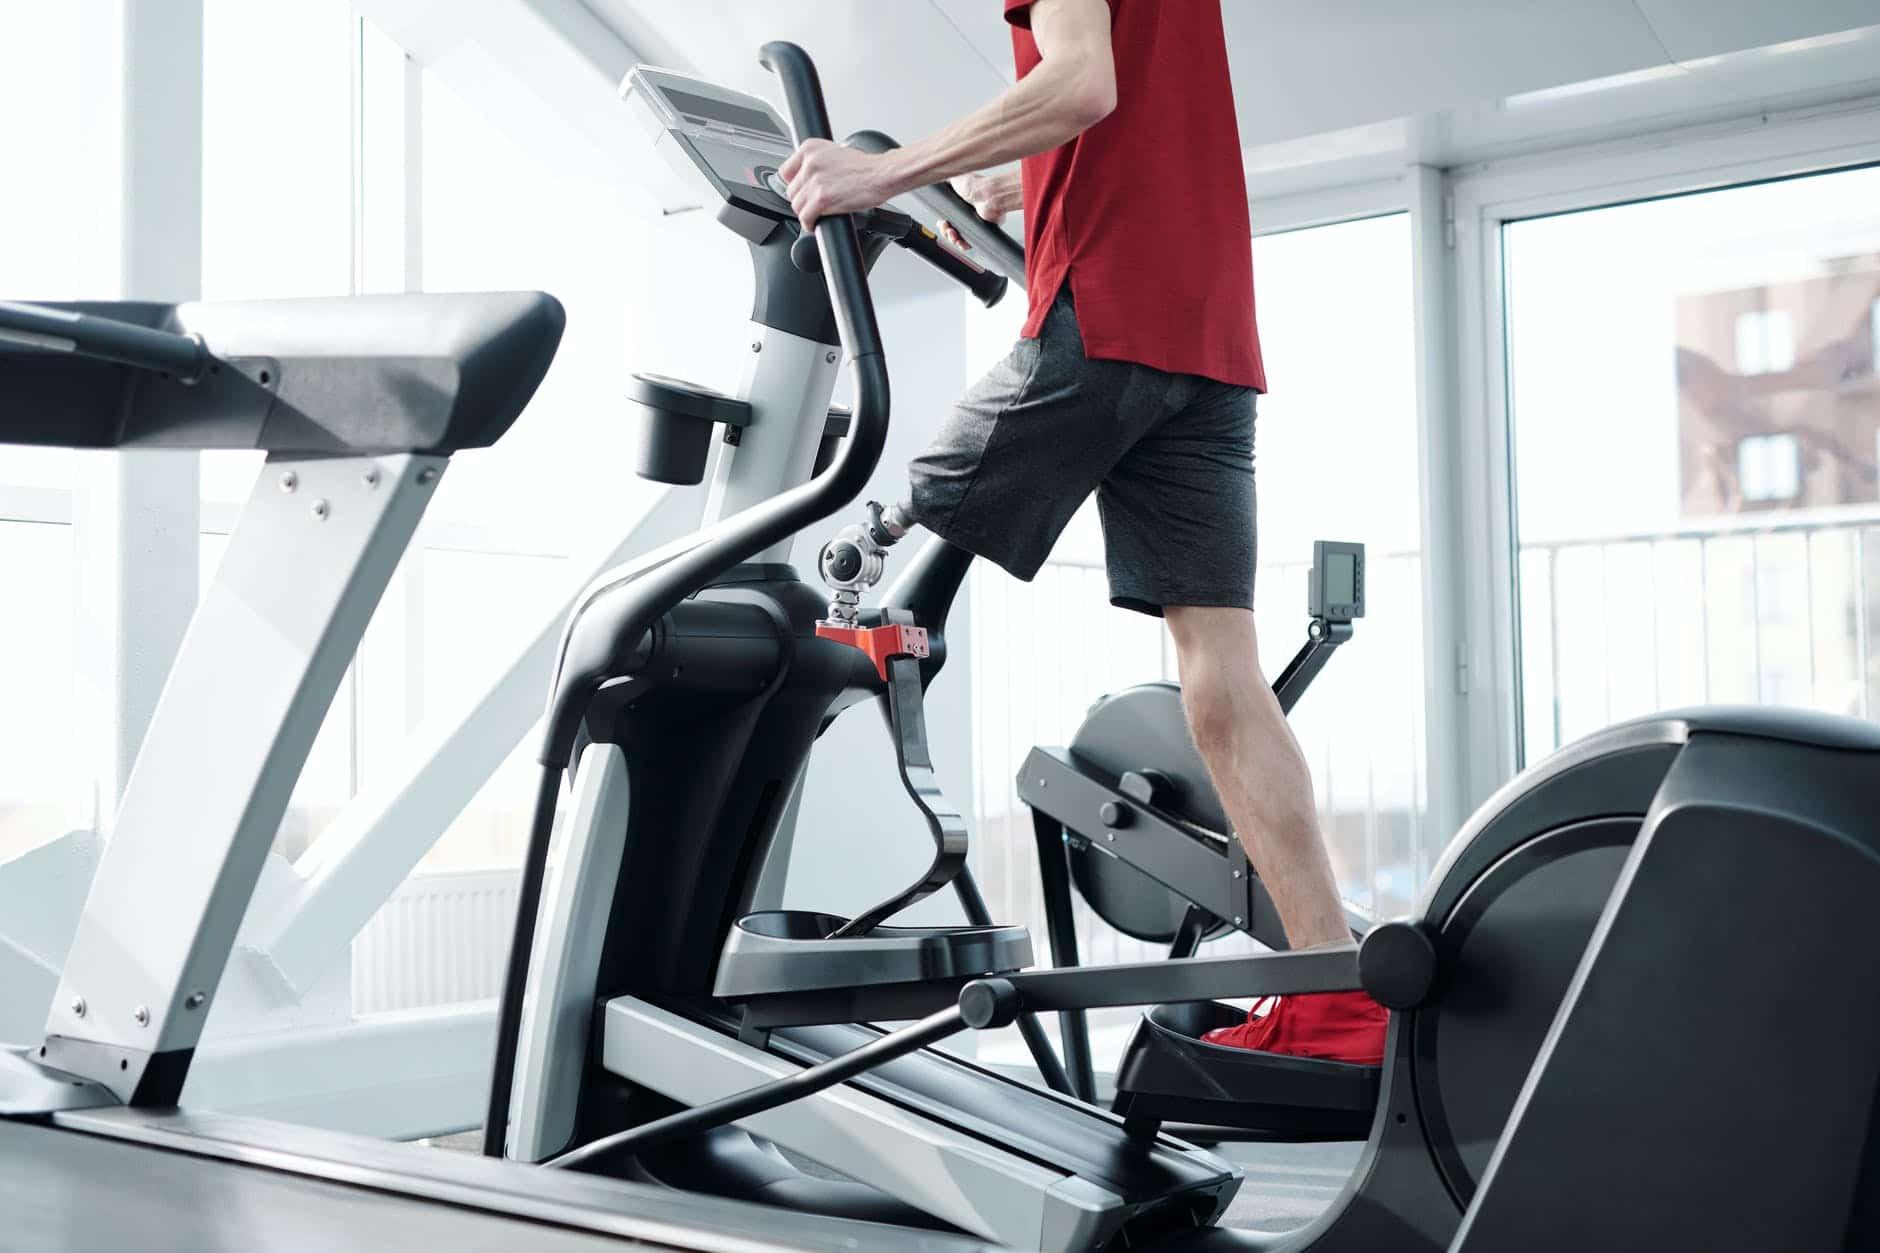 ProForm 2000 Treadmill Black Friday Deal 2020